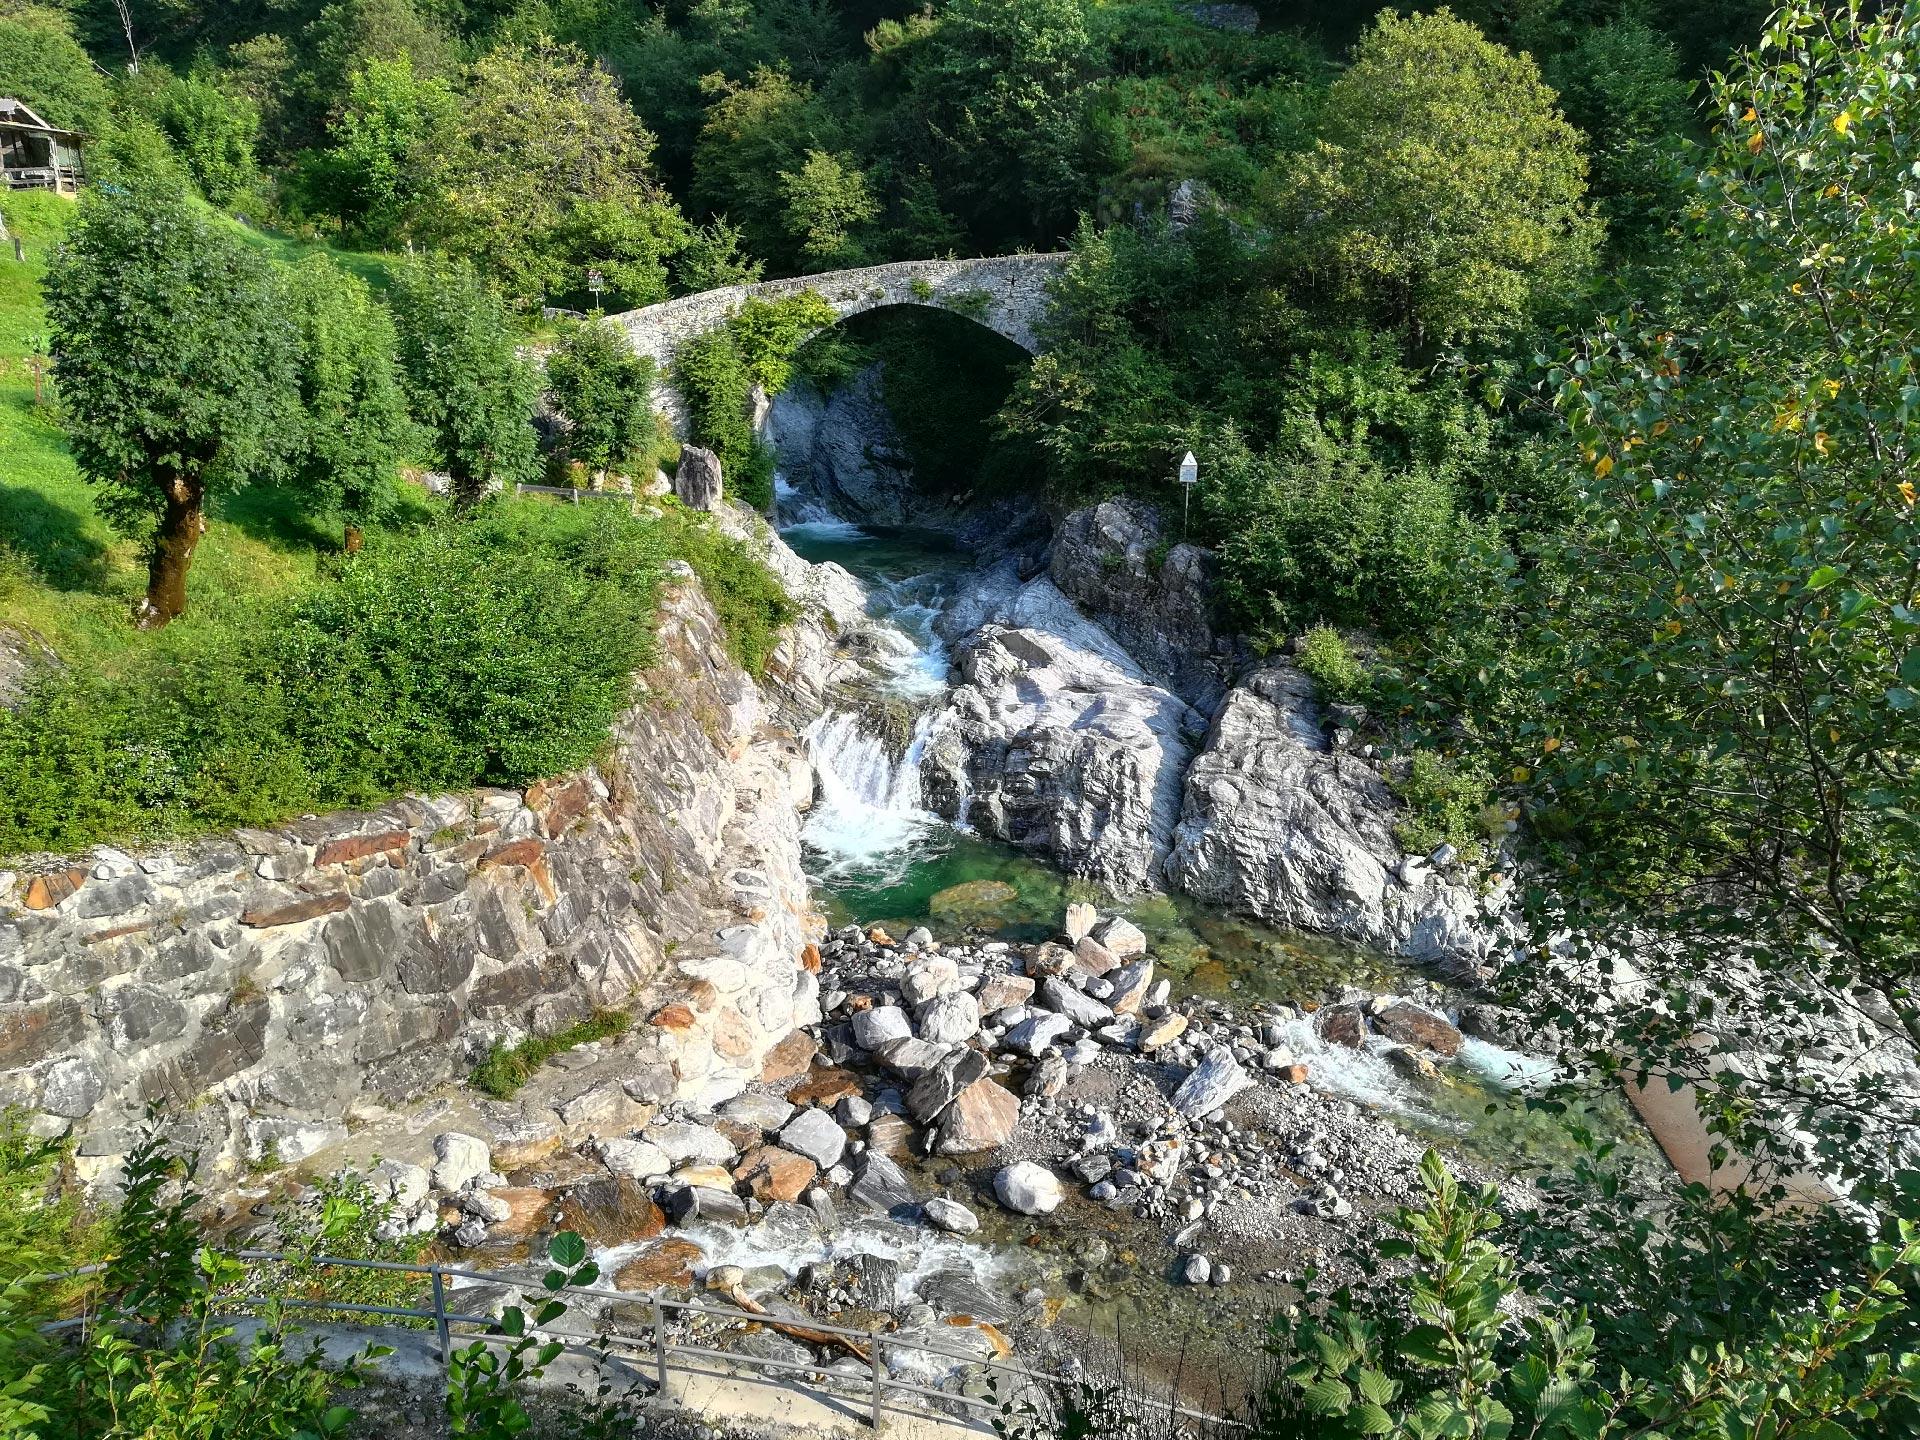 ponte in località Dangri, attaco del sentiero per il lago Darengo, Como, Lombardia